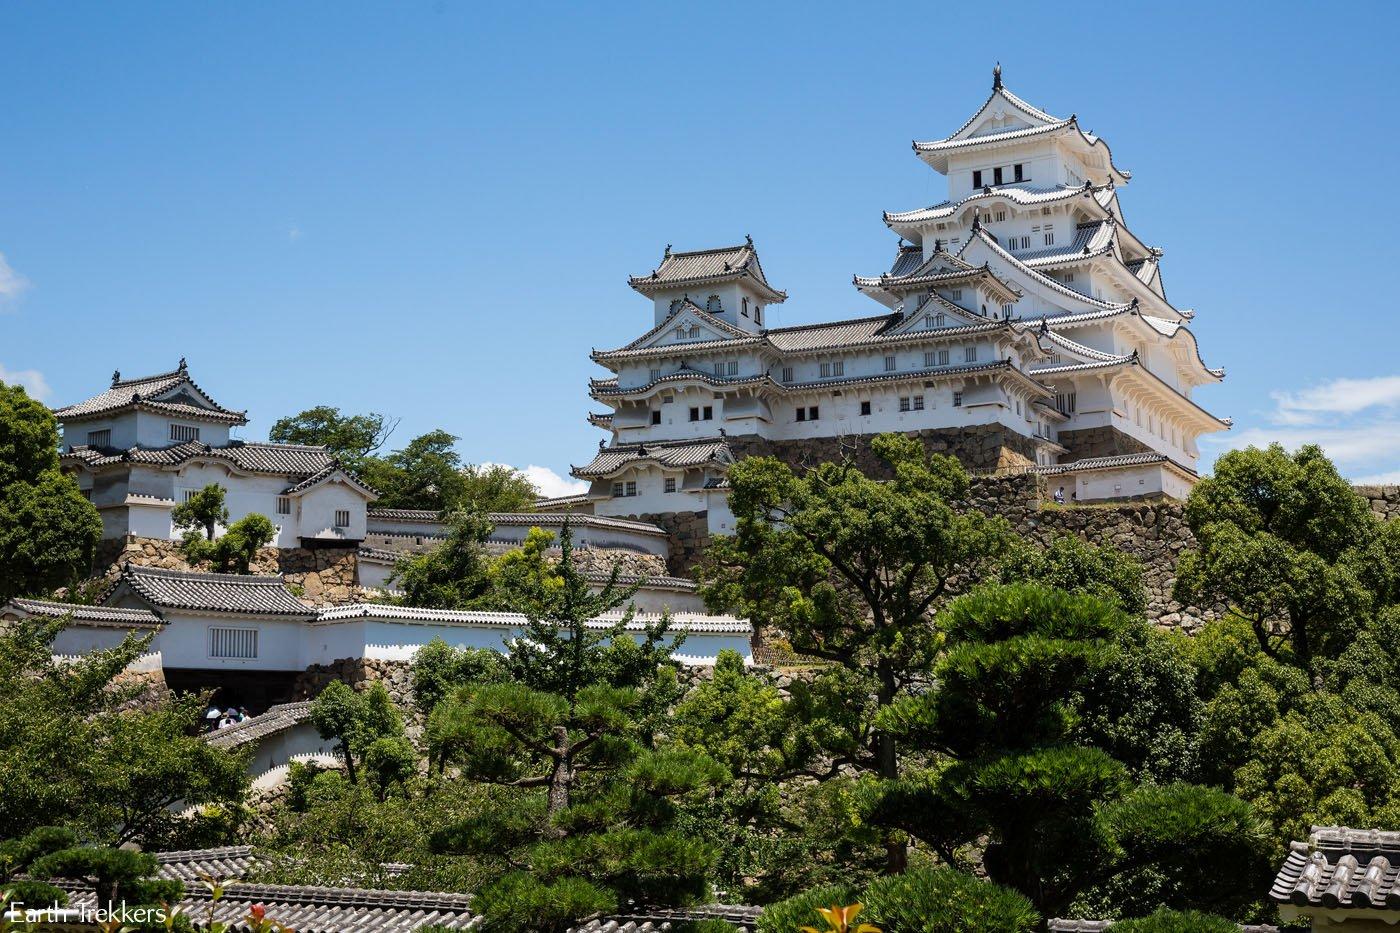 Inilah 5 Kastil Jepang Paling Populer di Tahun 2016 image